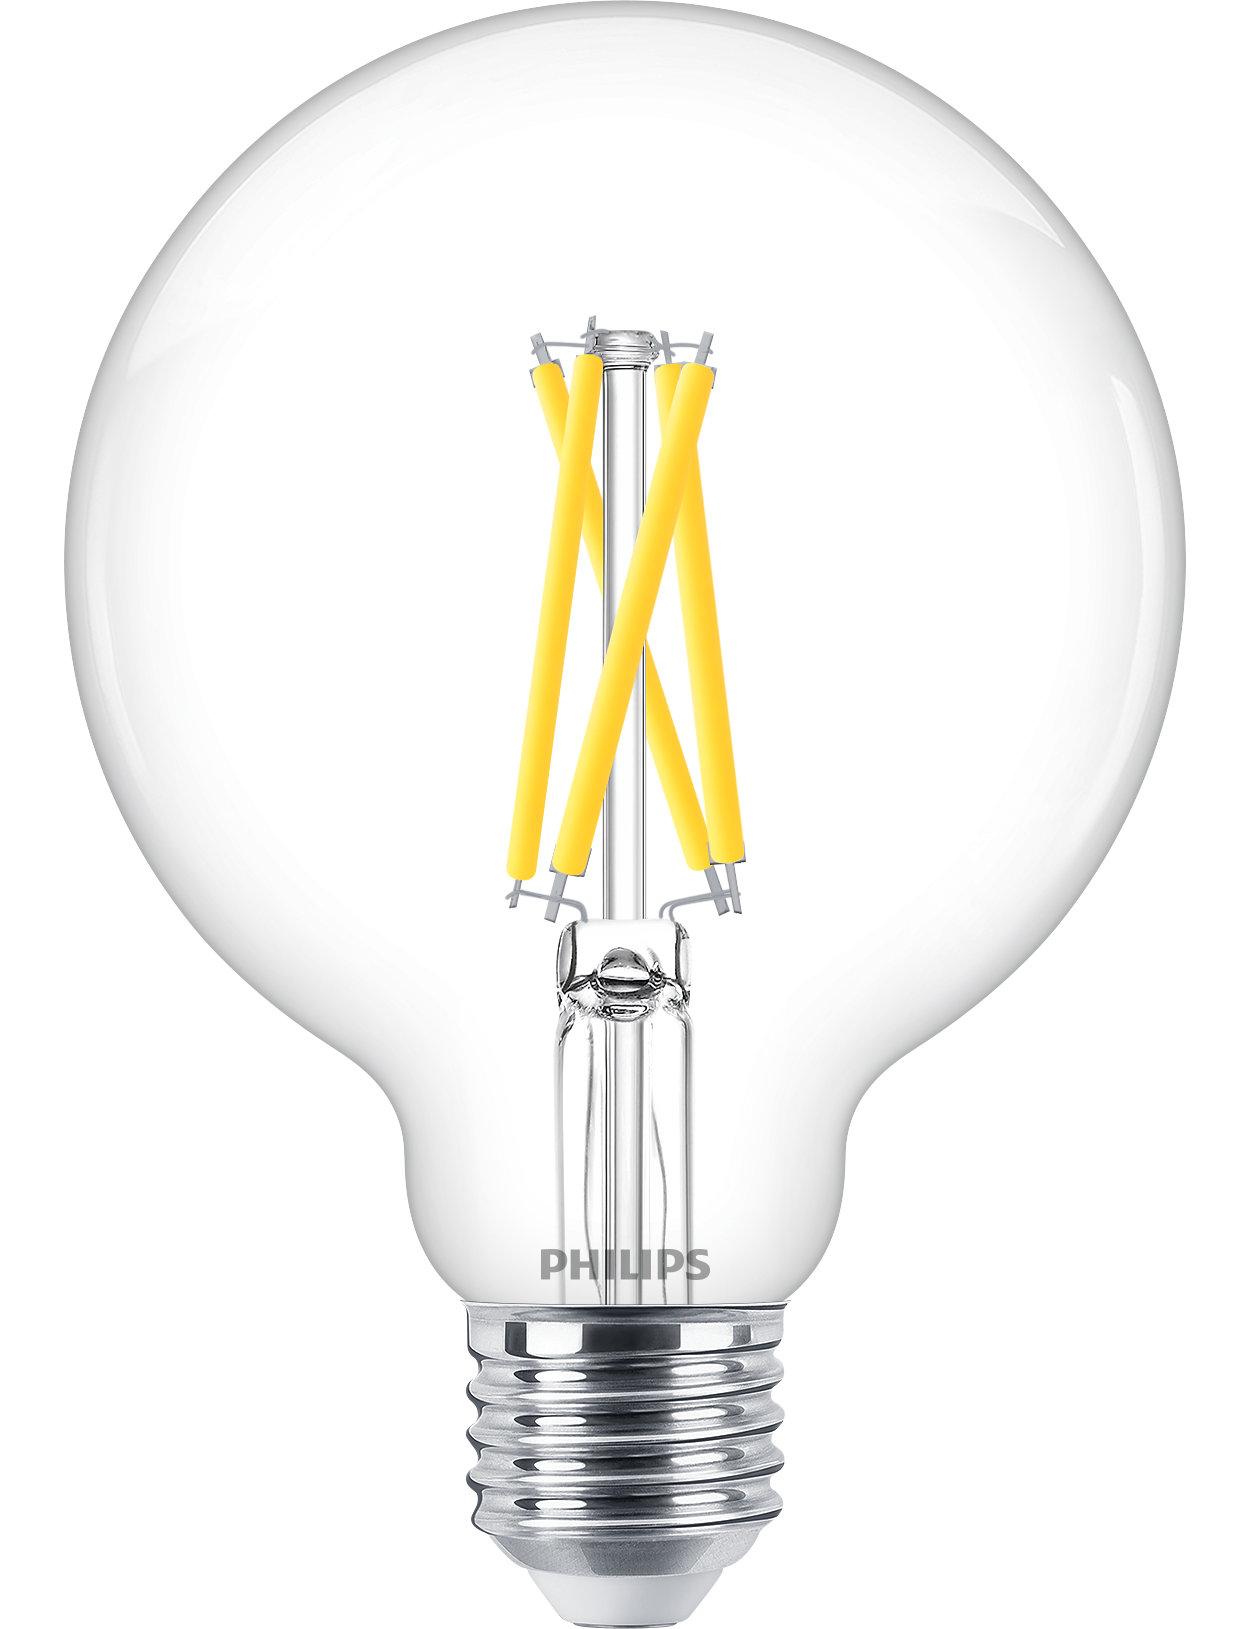 Uživajte v topli beli LED-svetlobi z zatemnitvijo